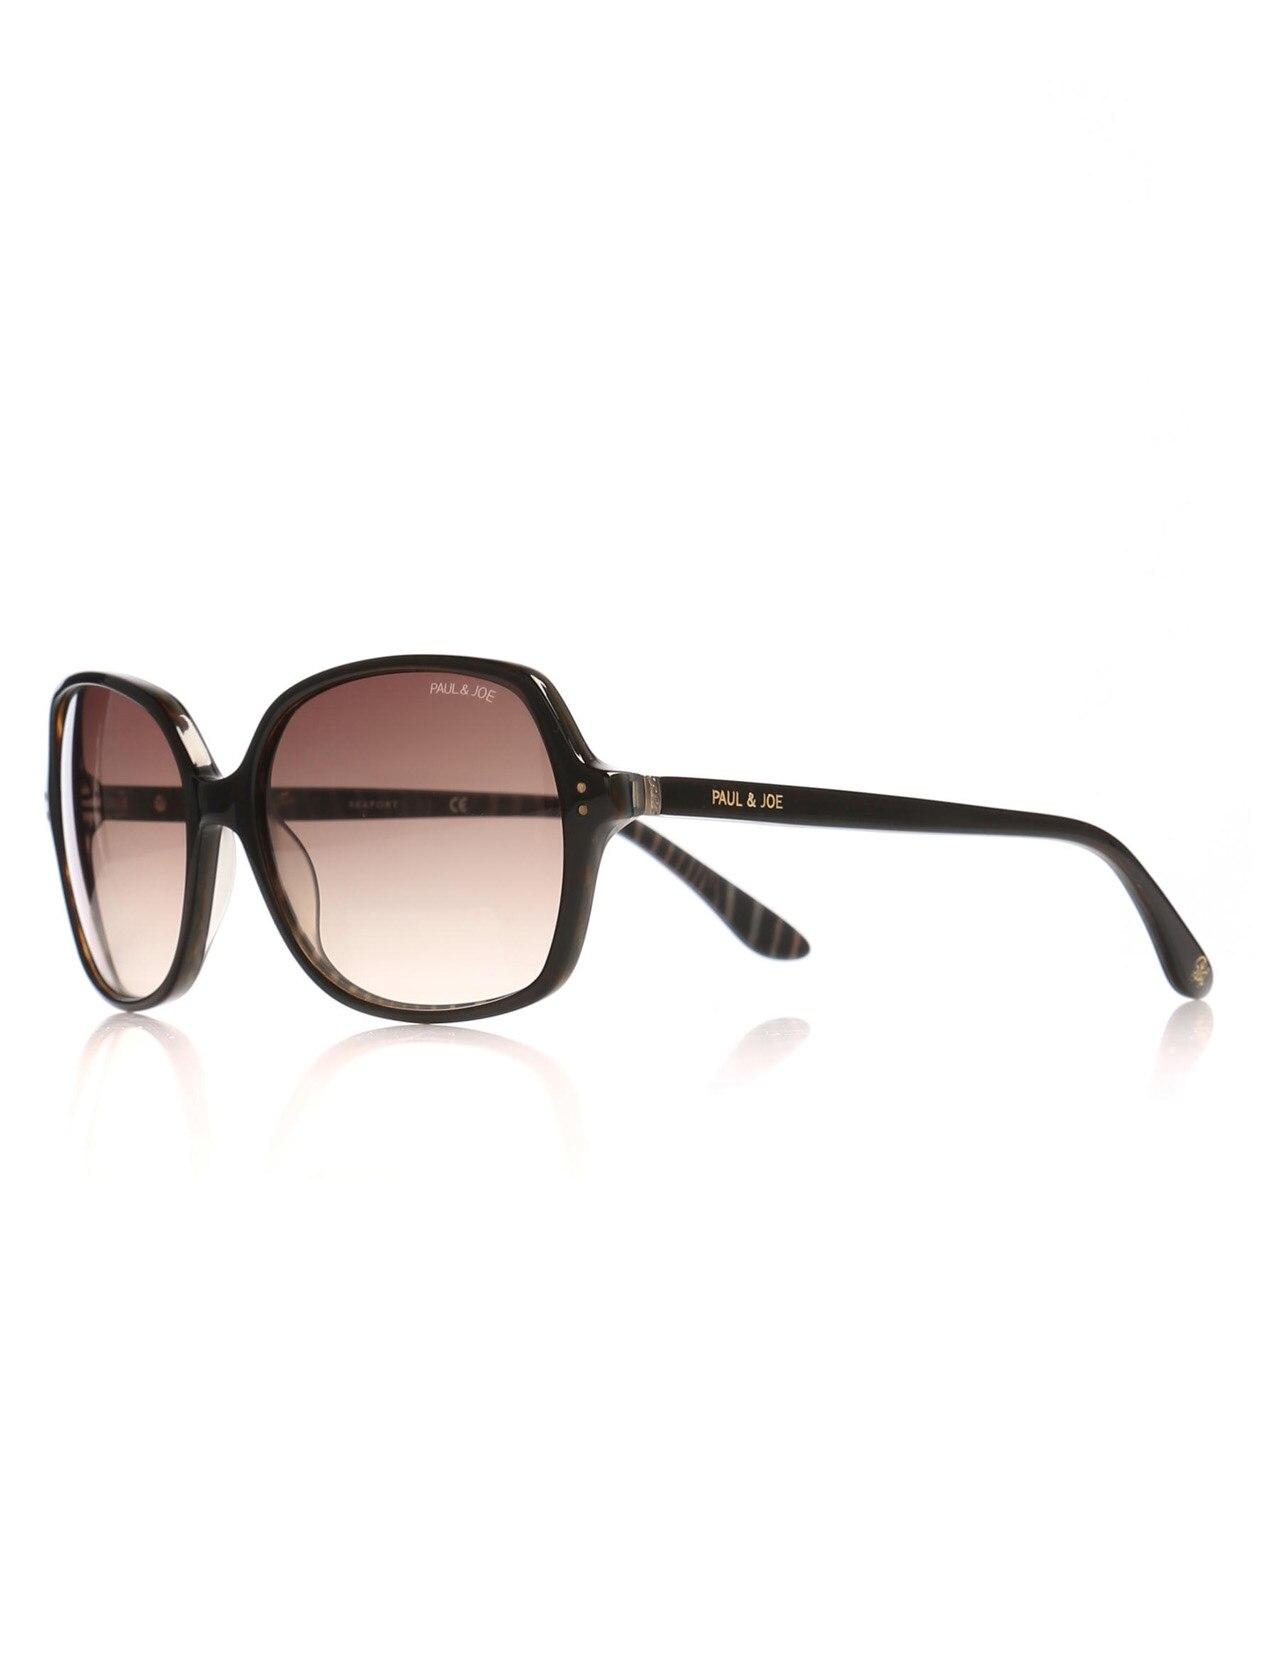 Women's sunglasses pj lady 26 e153 bone Brown organic square square 56-16-135 paul / joe